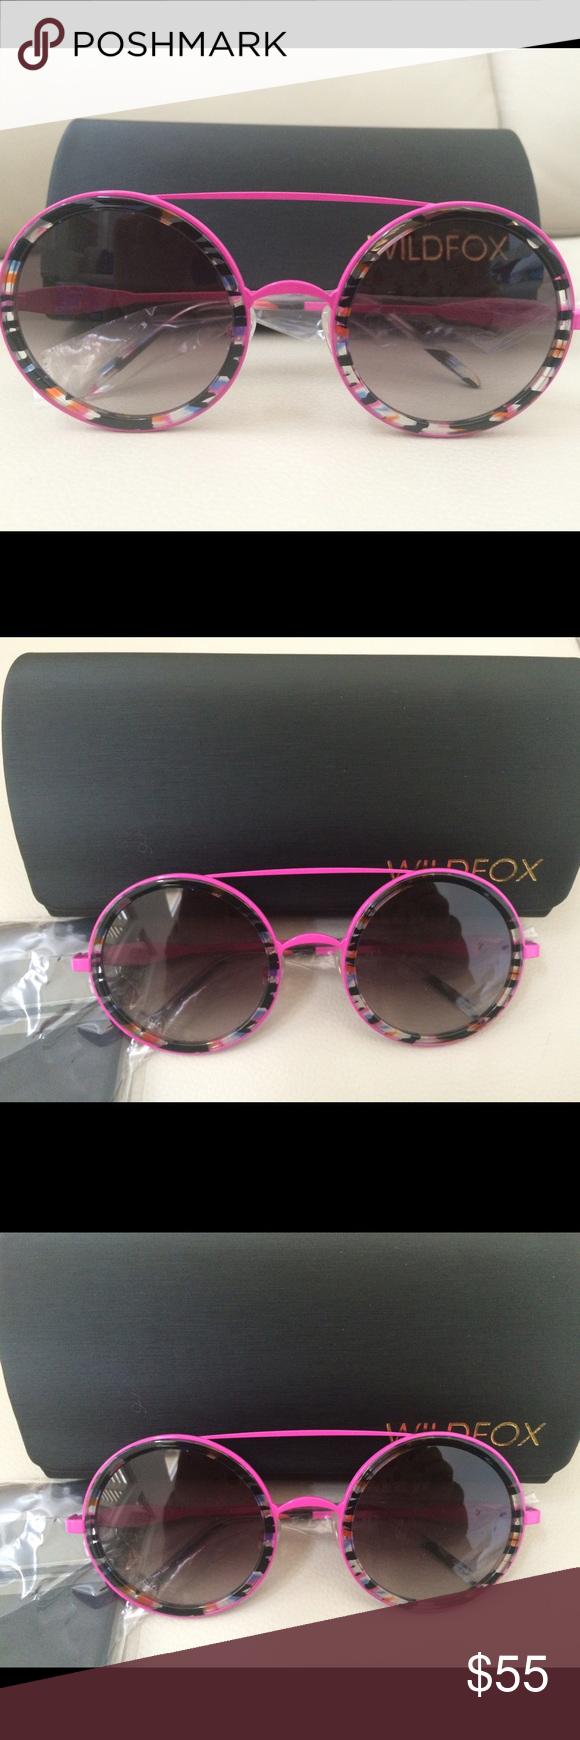 Wildfox Winona Round Sunglasses Nwt Round Sunglasses Wildfox Sunglasses Accessories